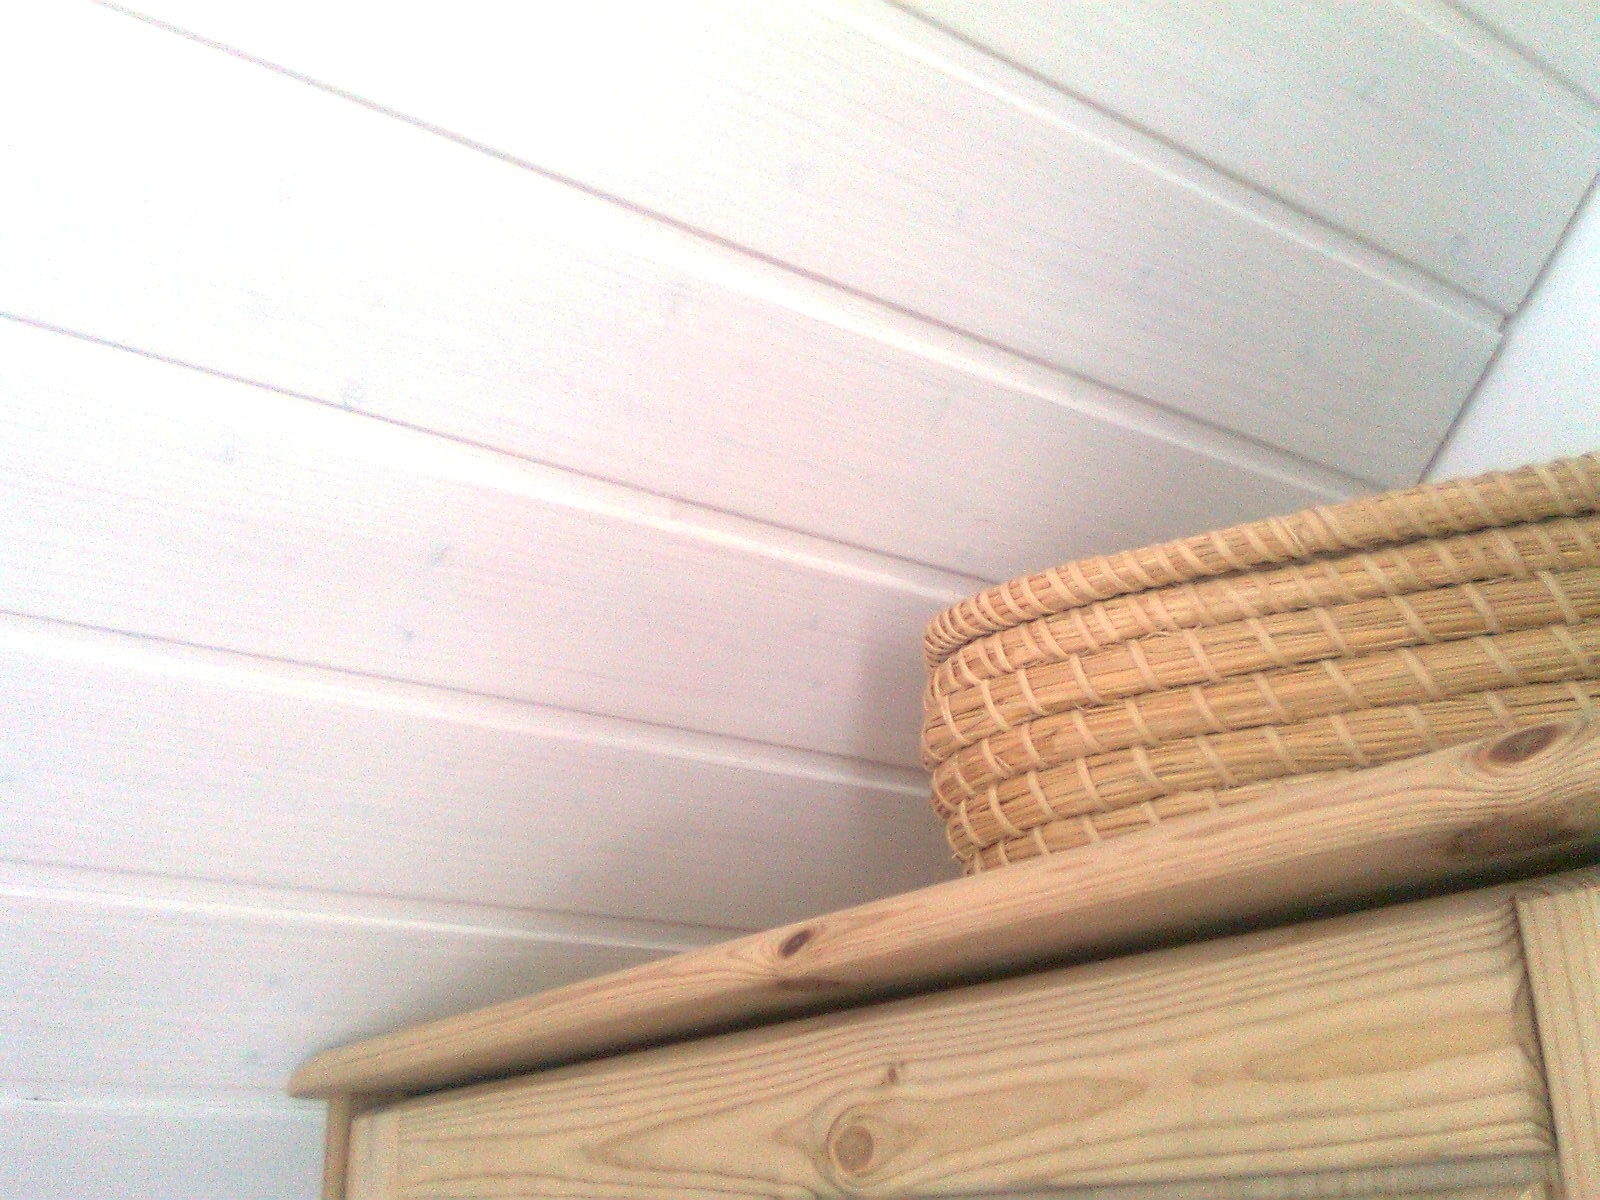 holzwand wei streichen beizen sie das holz in der gewnschten farbe nach trocknung lackieren sie. Black Bedroom Furniture Sets. Home Design Ideas